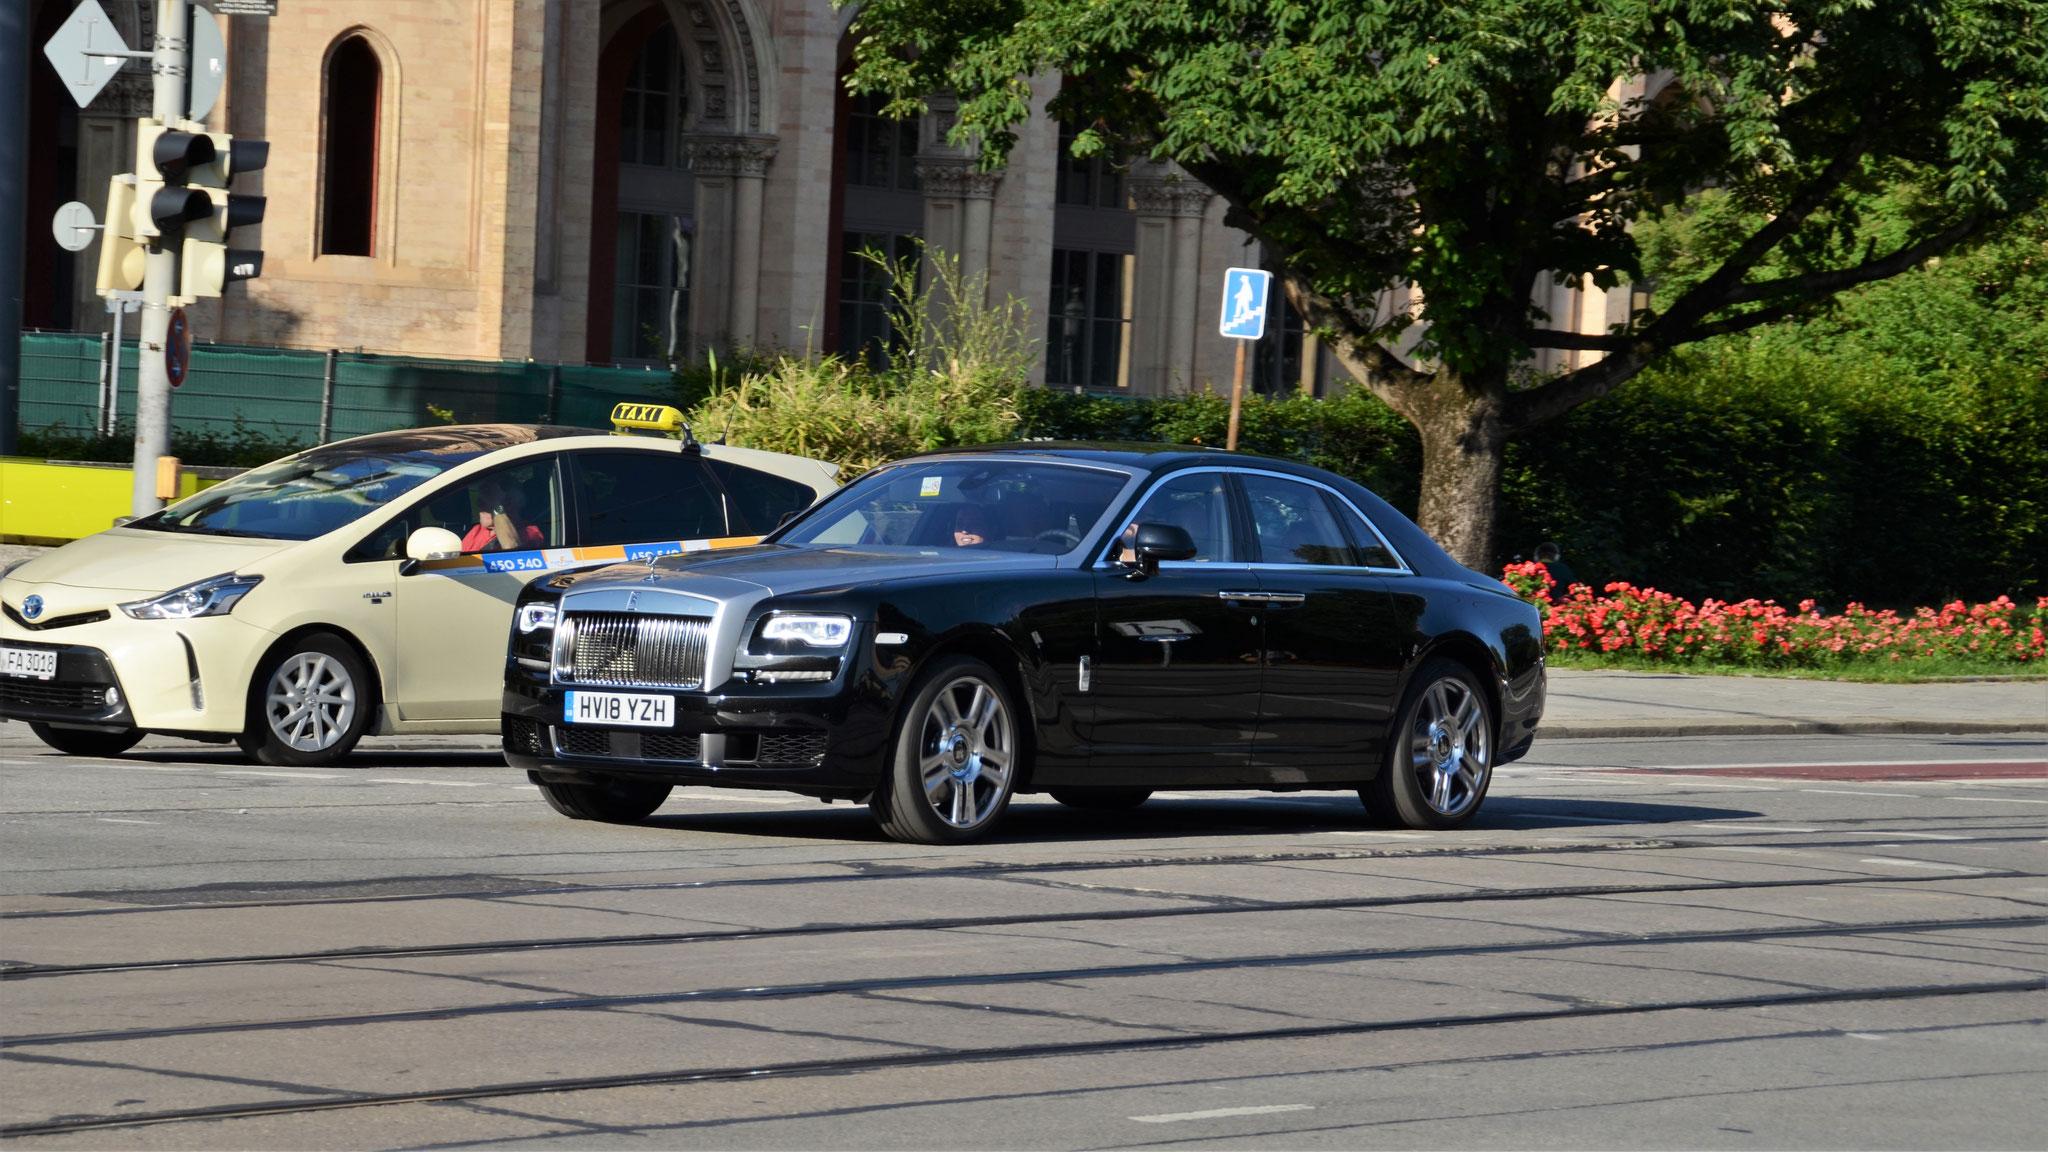 Rolls Royce Ghost Series II - HV18-YZH (GB)